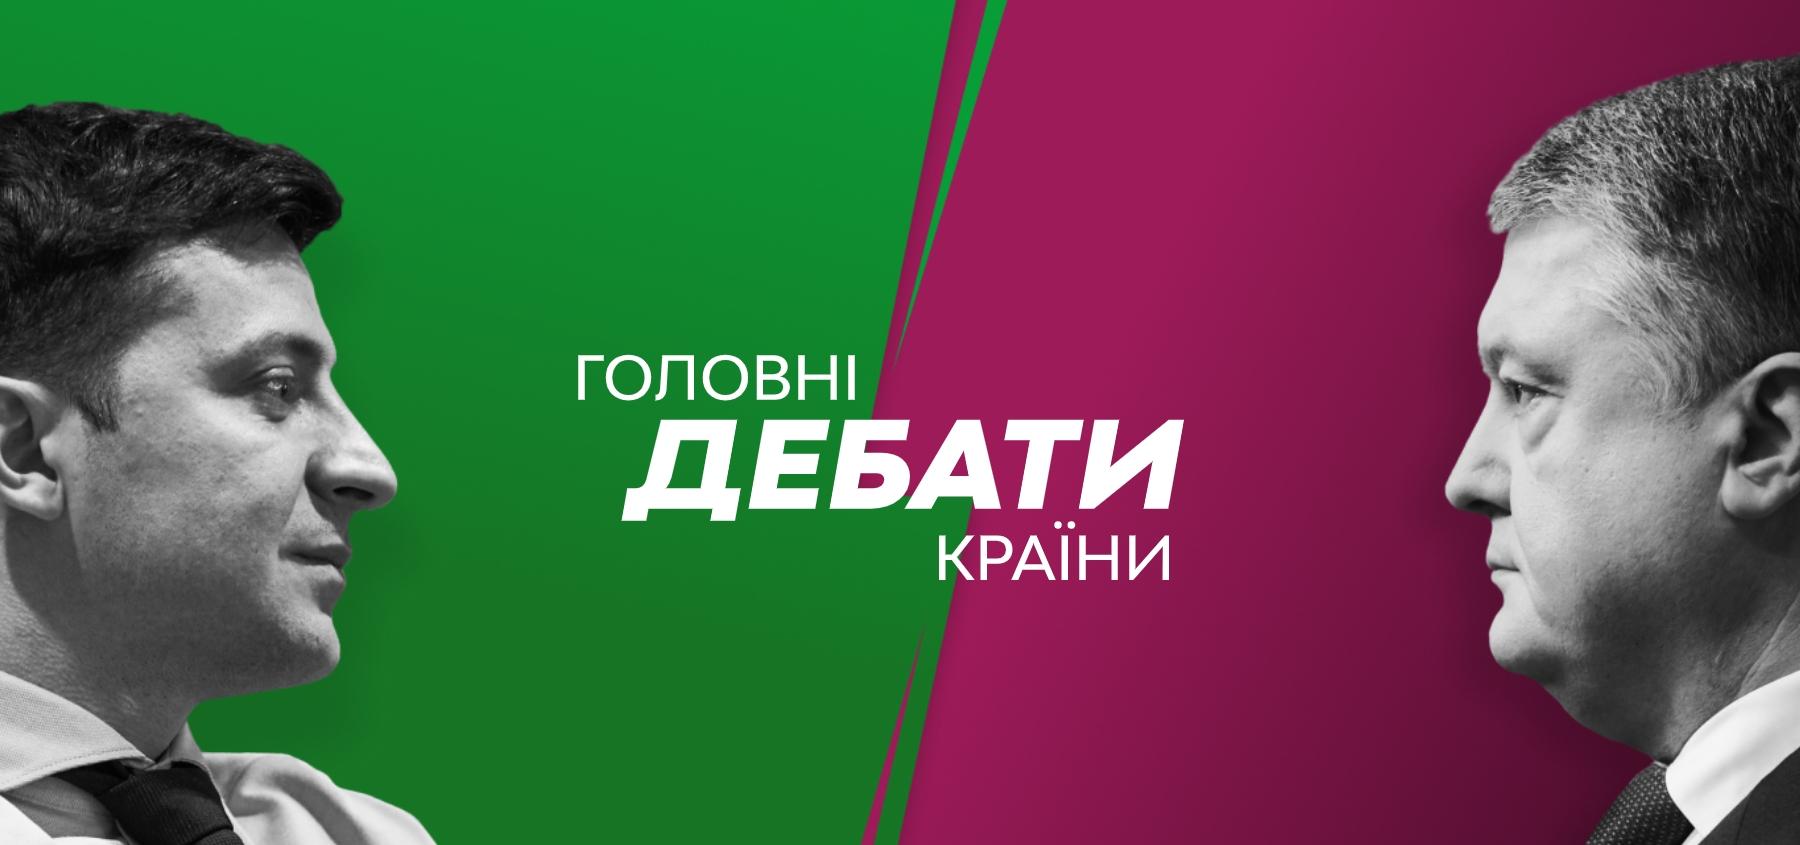 Сайт с бесплатными билетами на дебаты в Киеве - работает с большими трудностями